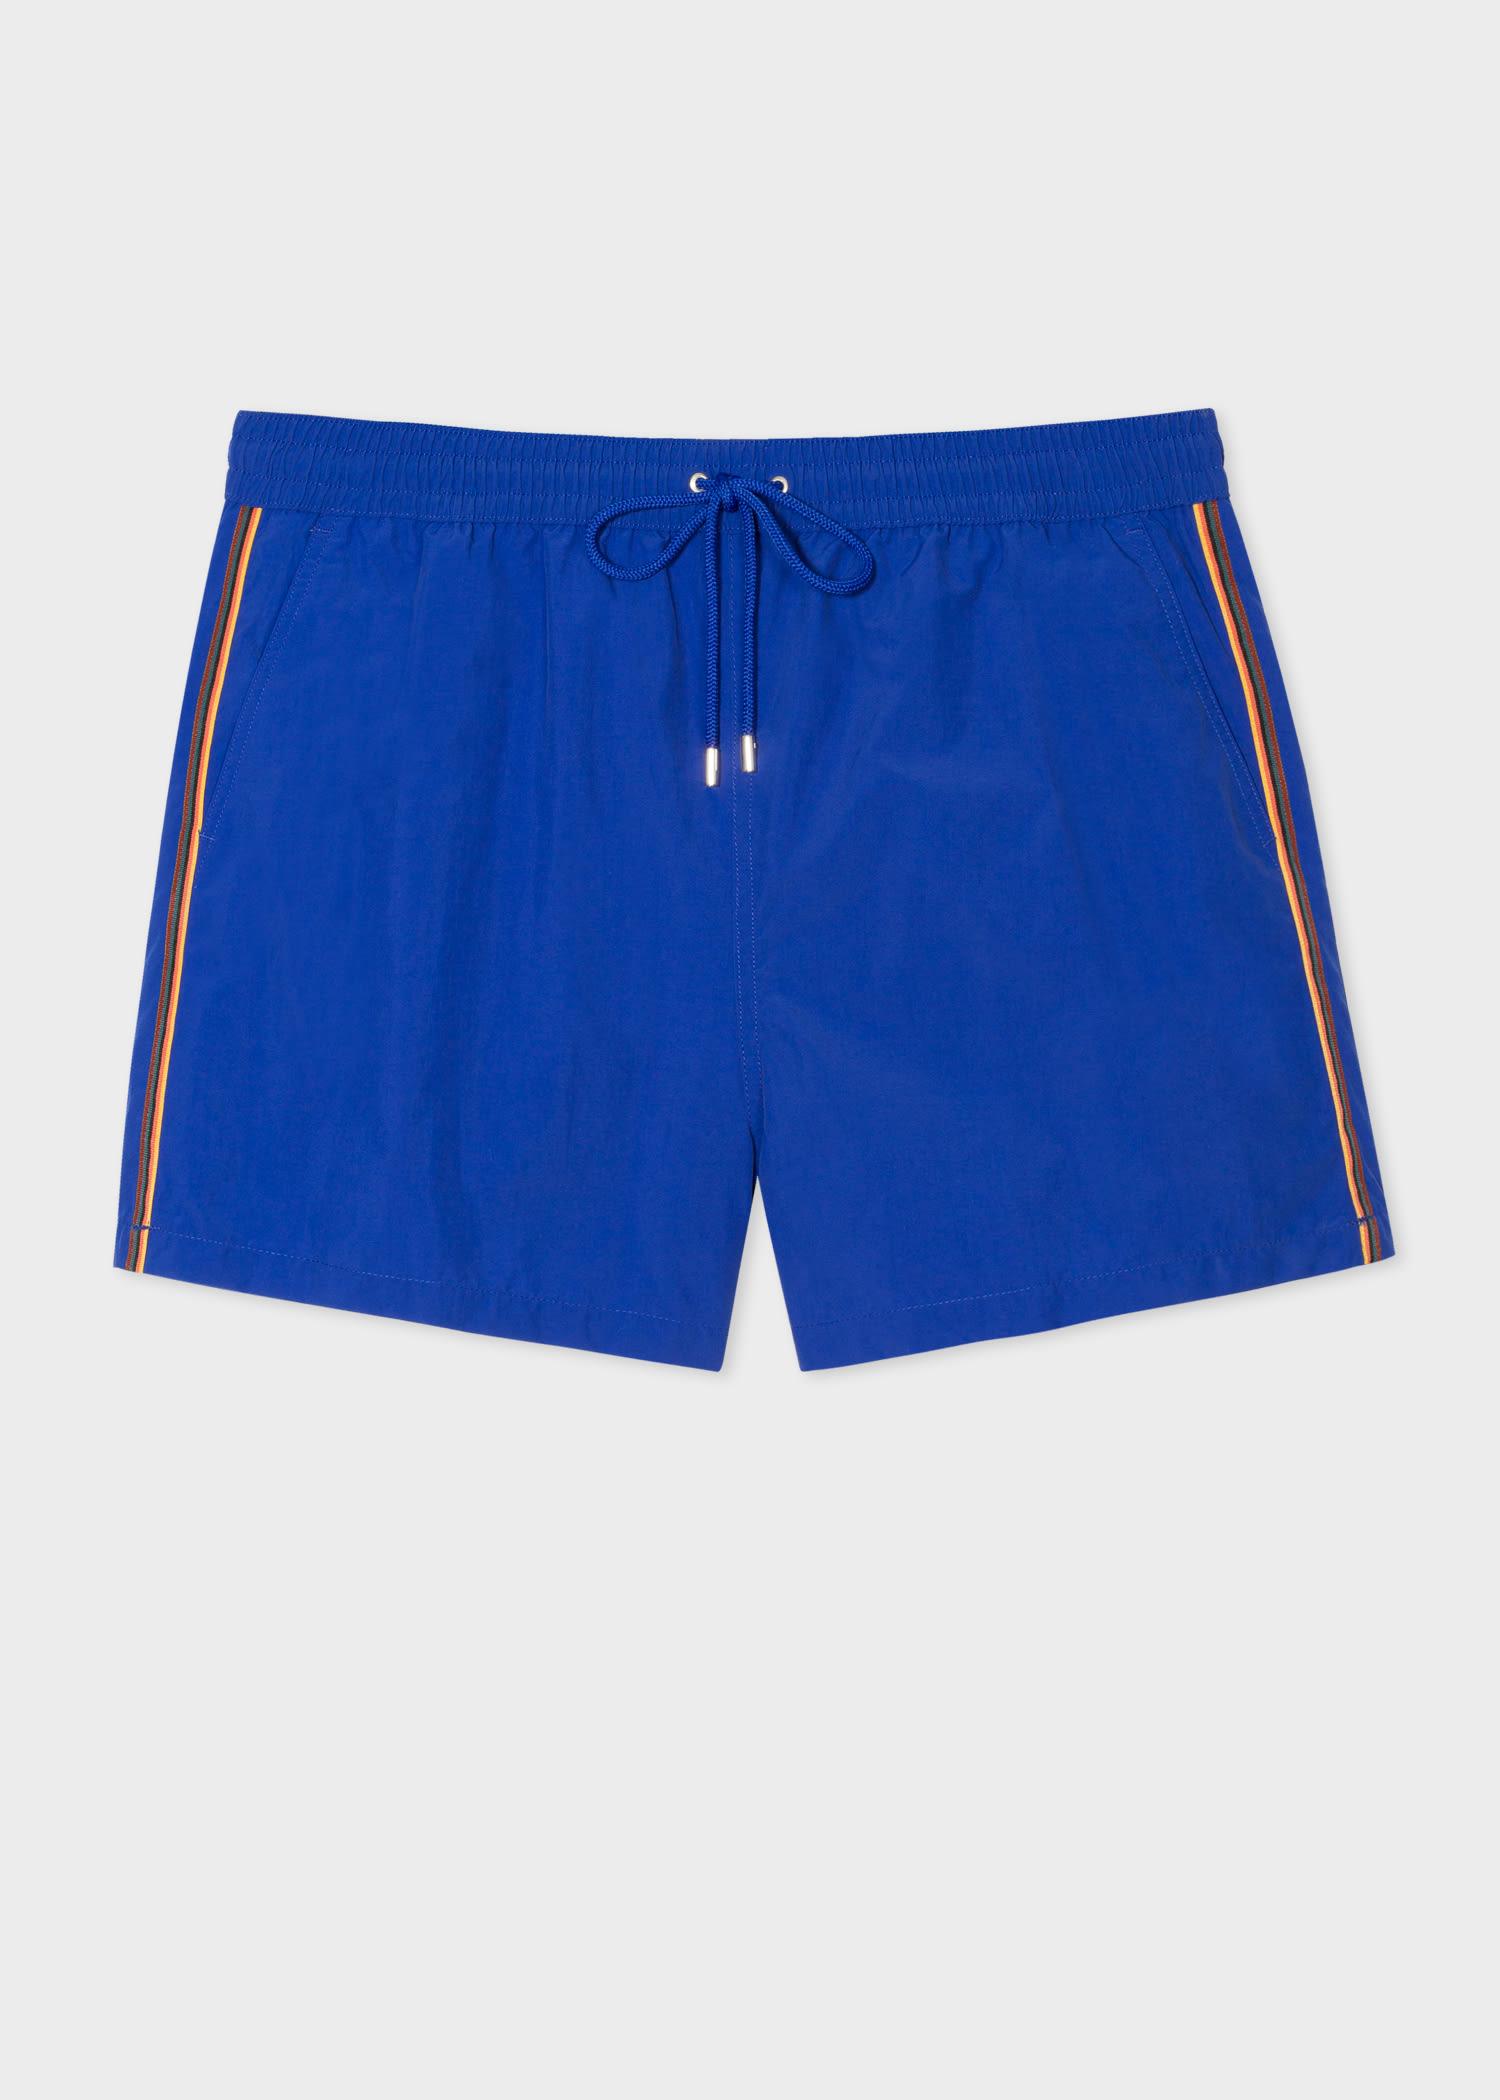 폴 스미스 반바지 Paul Smith Mens Cobalt Blue Swim Shorts With Artist Stripe Trim